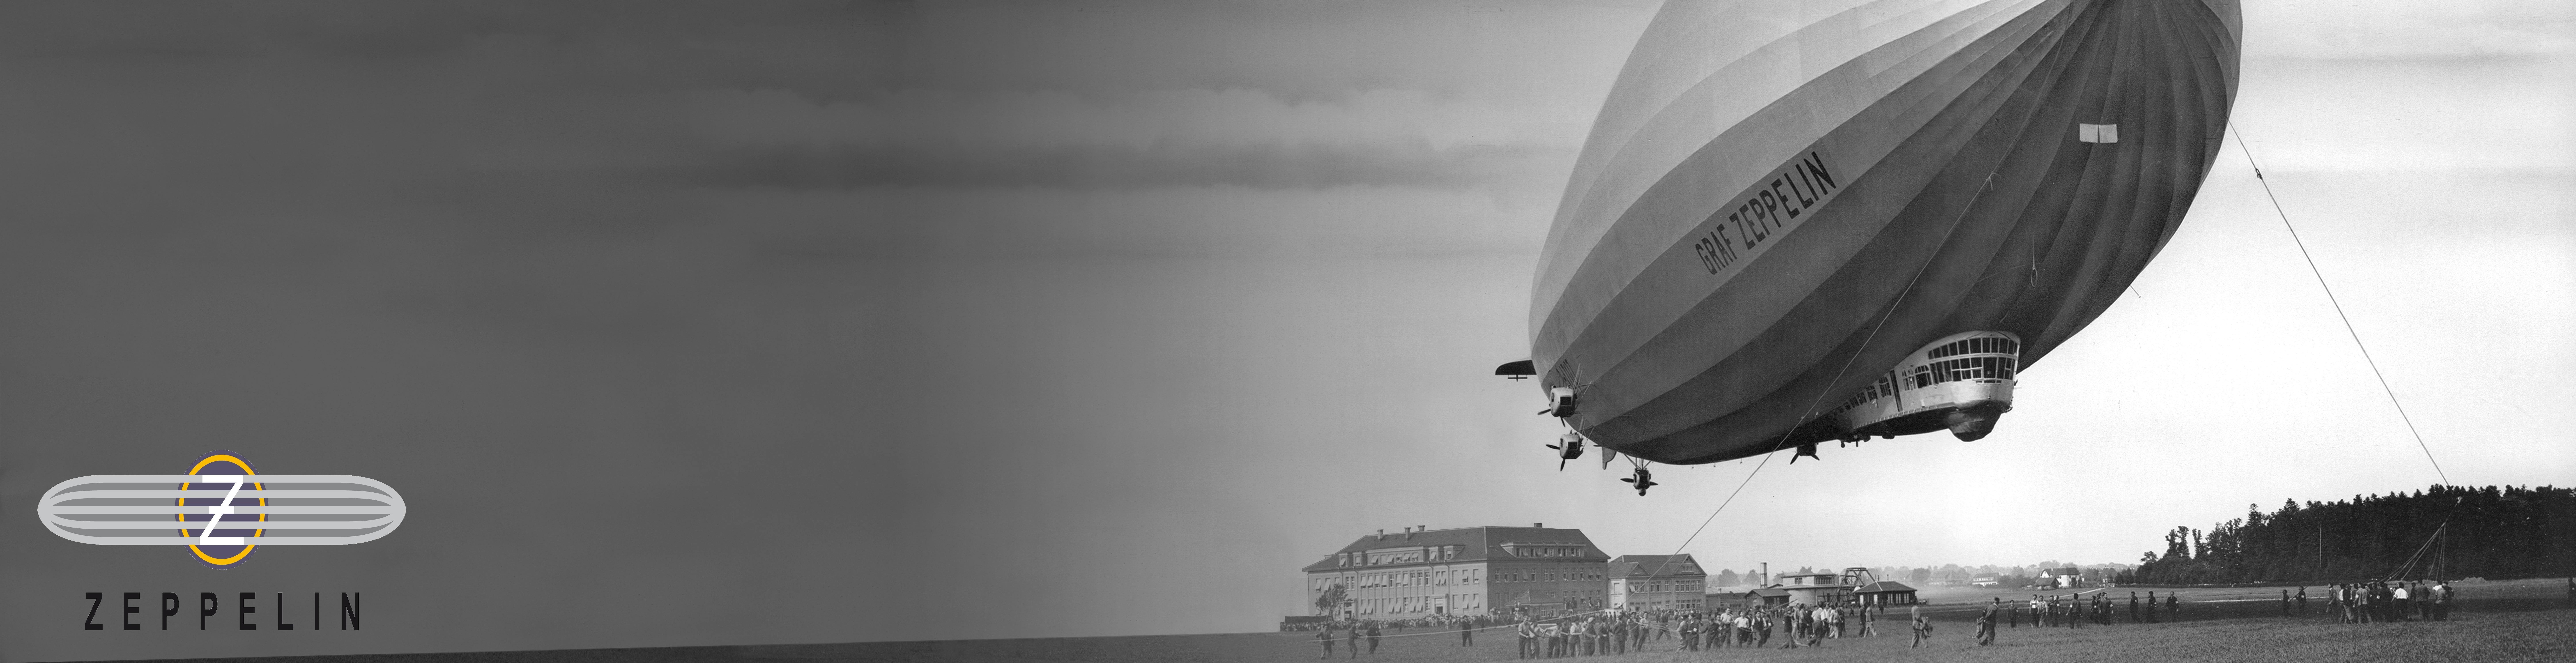 100 años Zeppelin